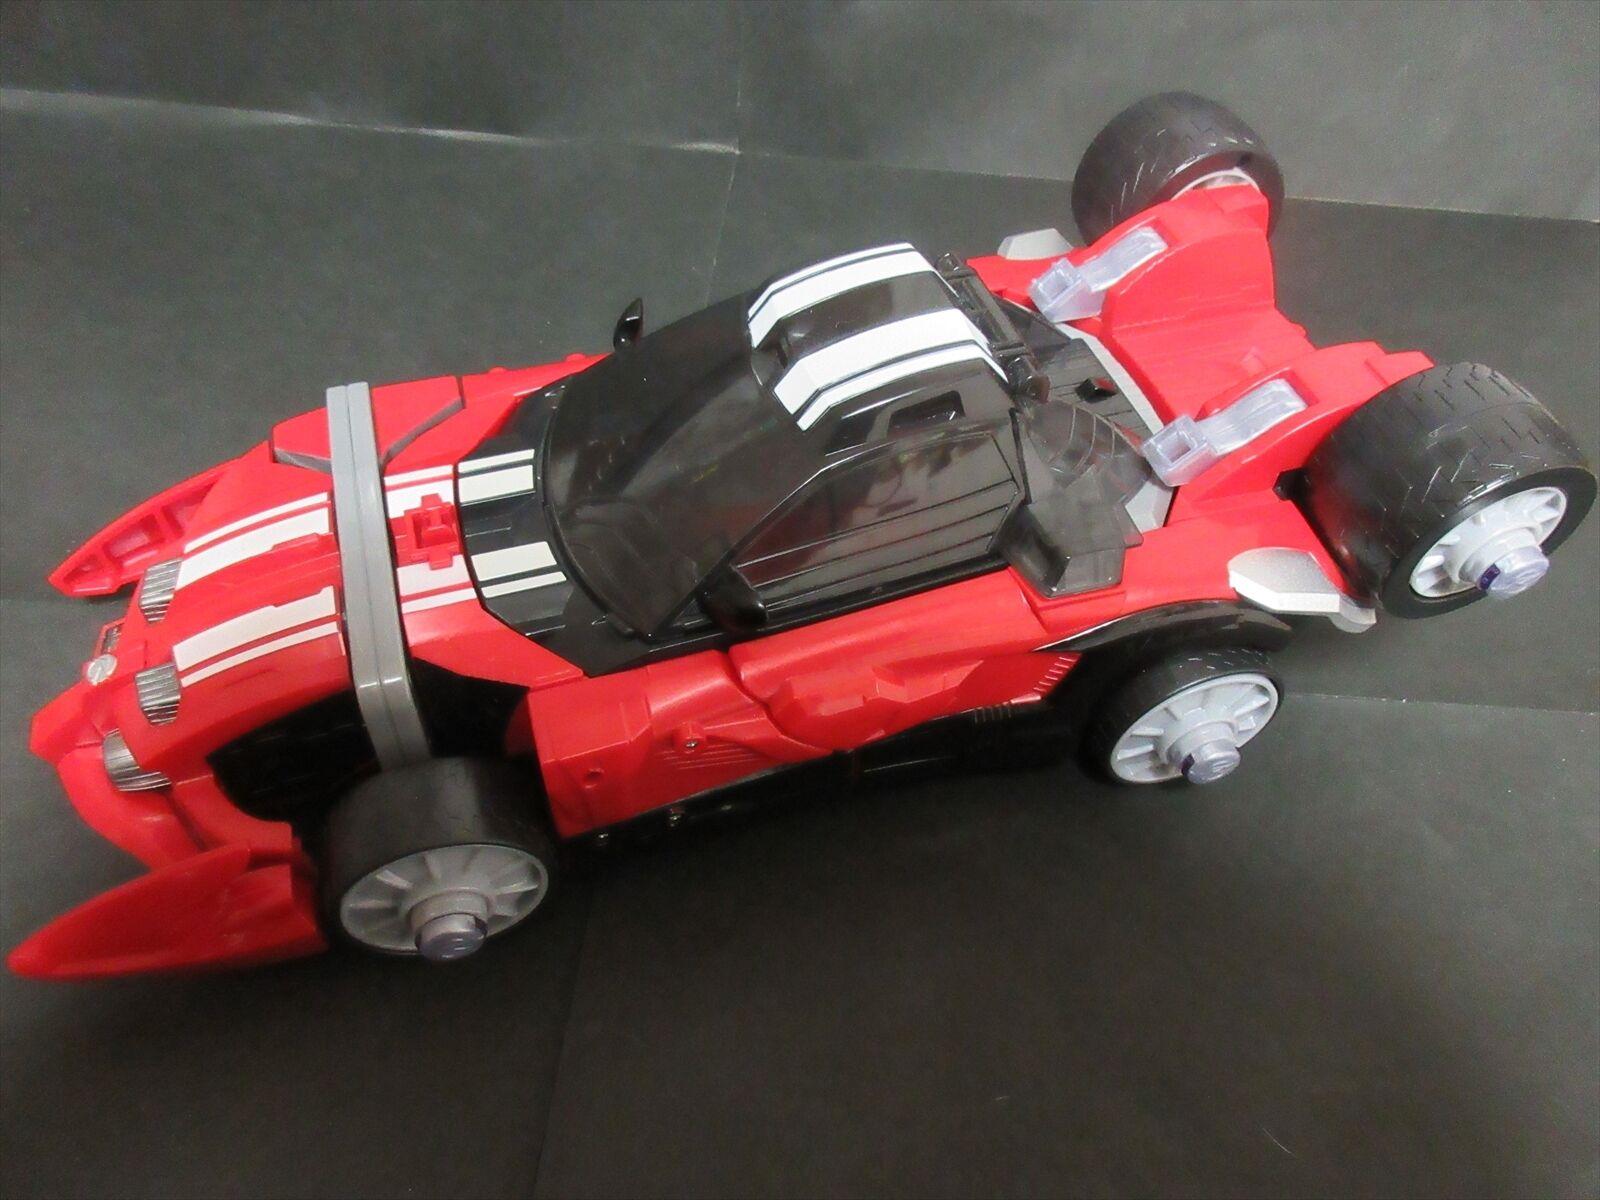 Kamen rider Drive  DX Tridoron  USED  beai gratuito shipping     From japan.  merce di alta qualità e servizio conveniente e onesto